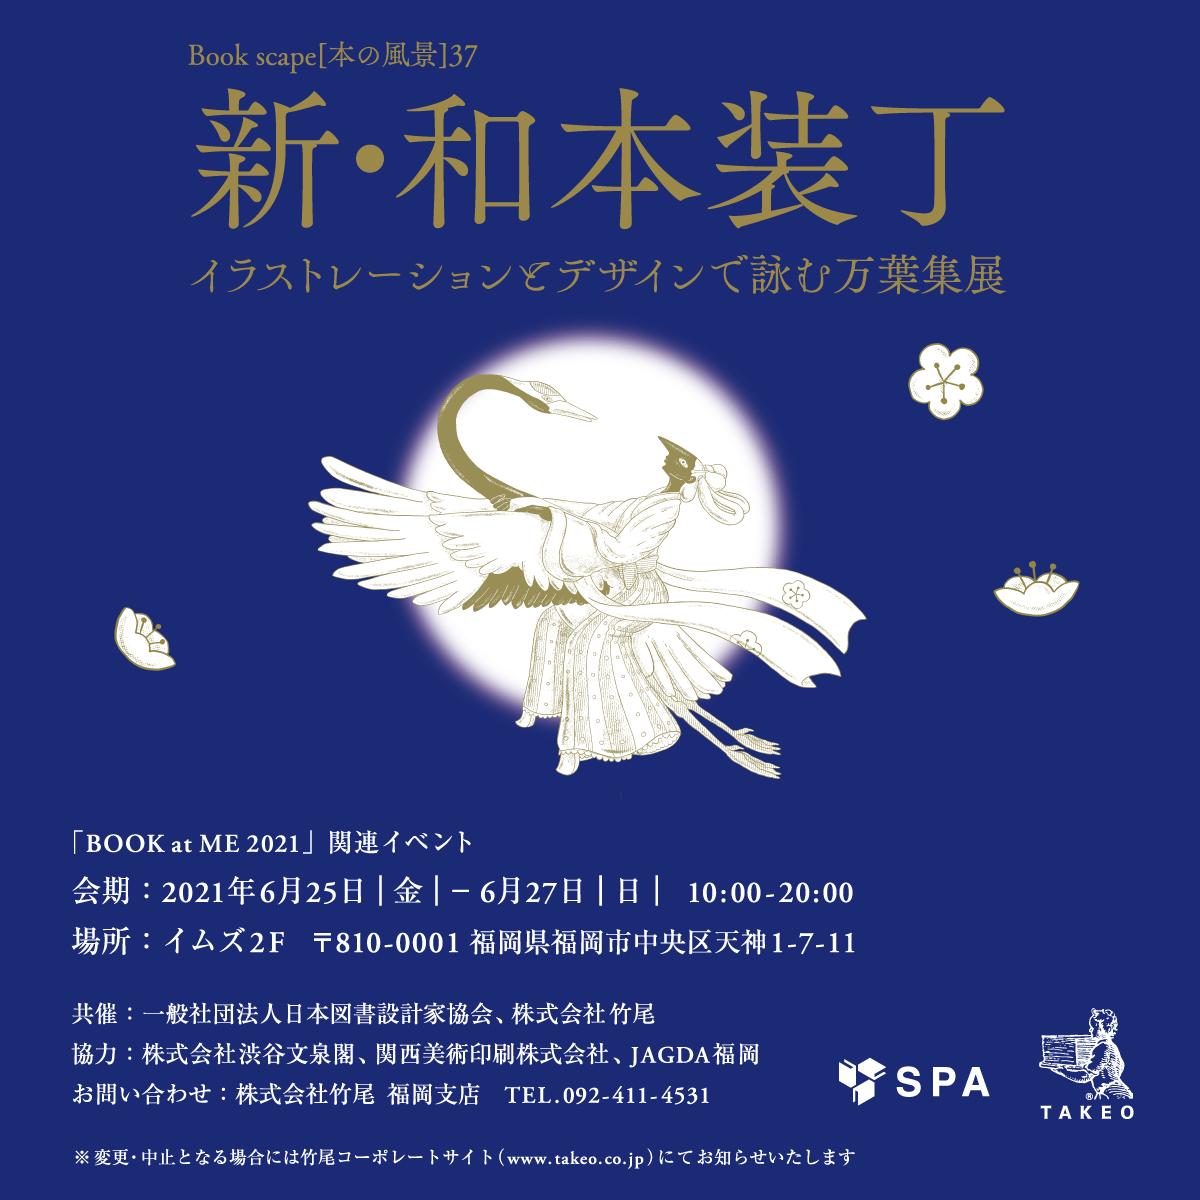 新・和本装丁  イラストレーションとデザインで詠む万葉集展